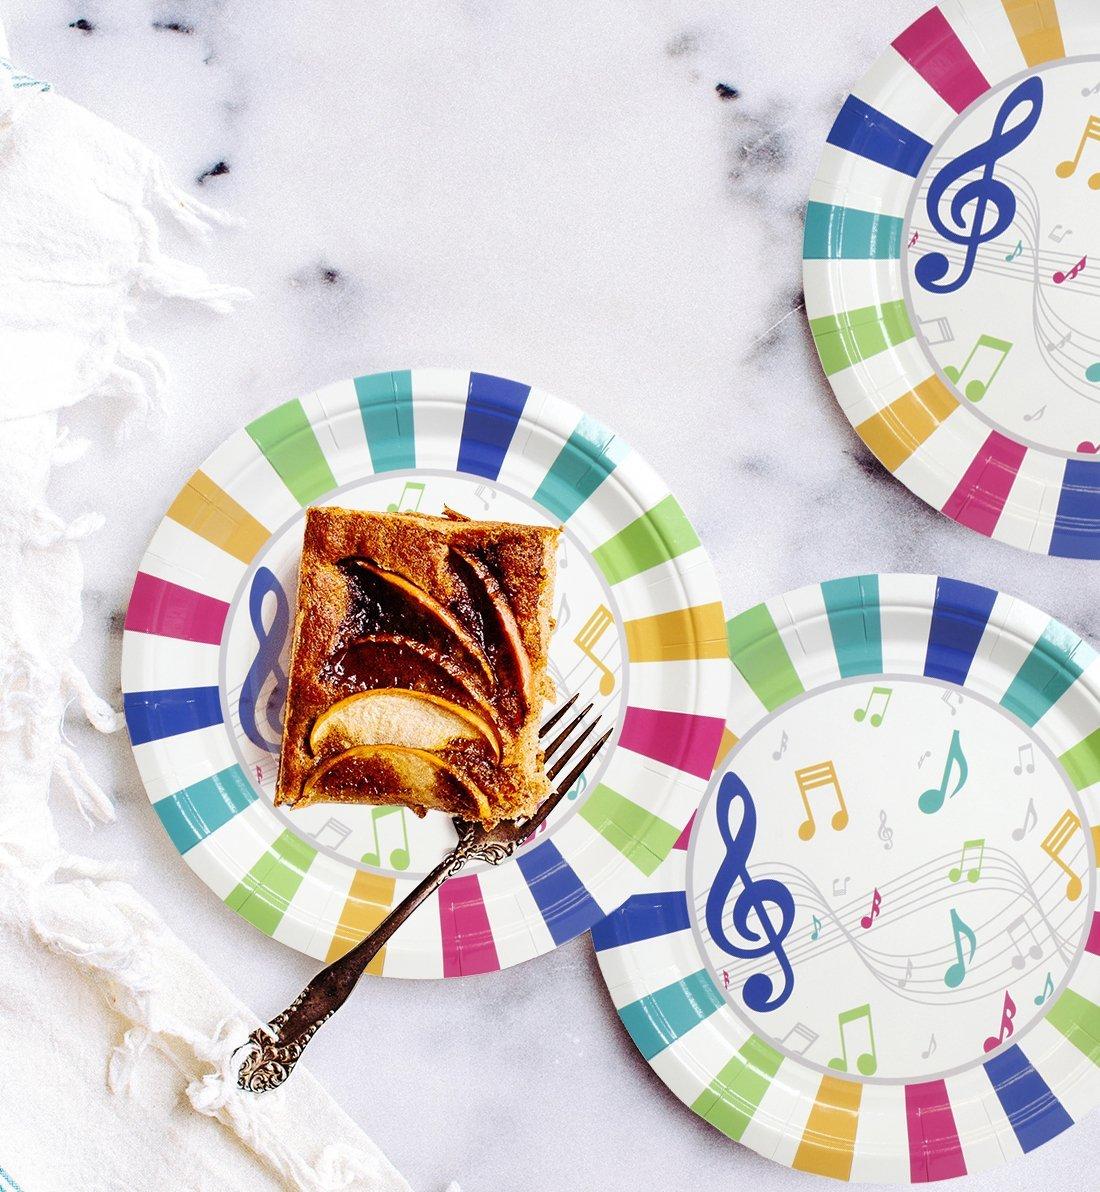 9 pulgadas de di/ámetro cena y postre almuerzo suministros de fiesta de m/úsica para aperitivos cumplea/ños de ni/ños 80 platos de papel Platos desechables